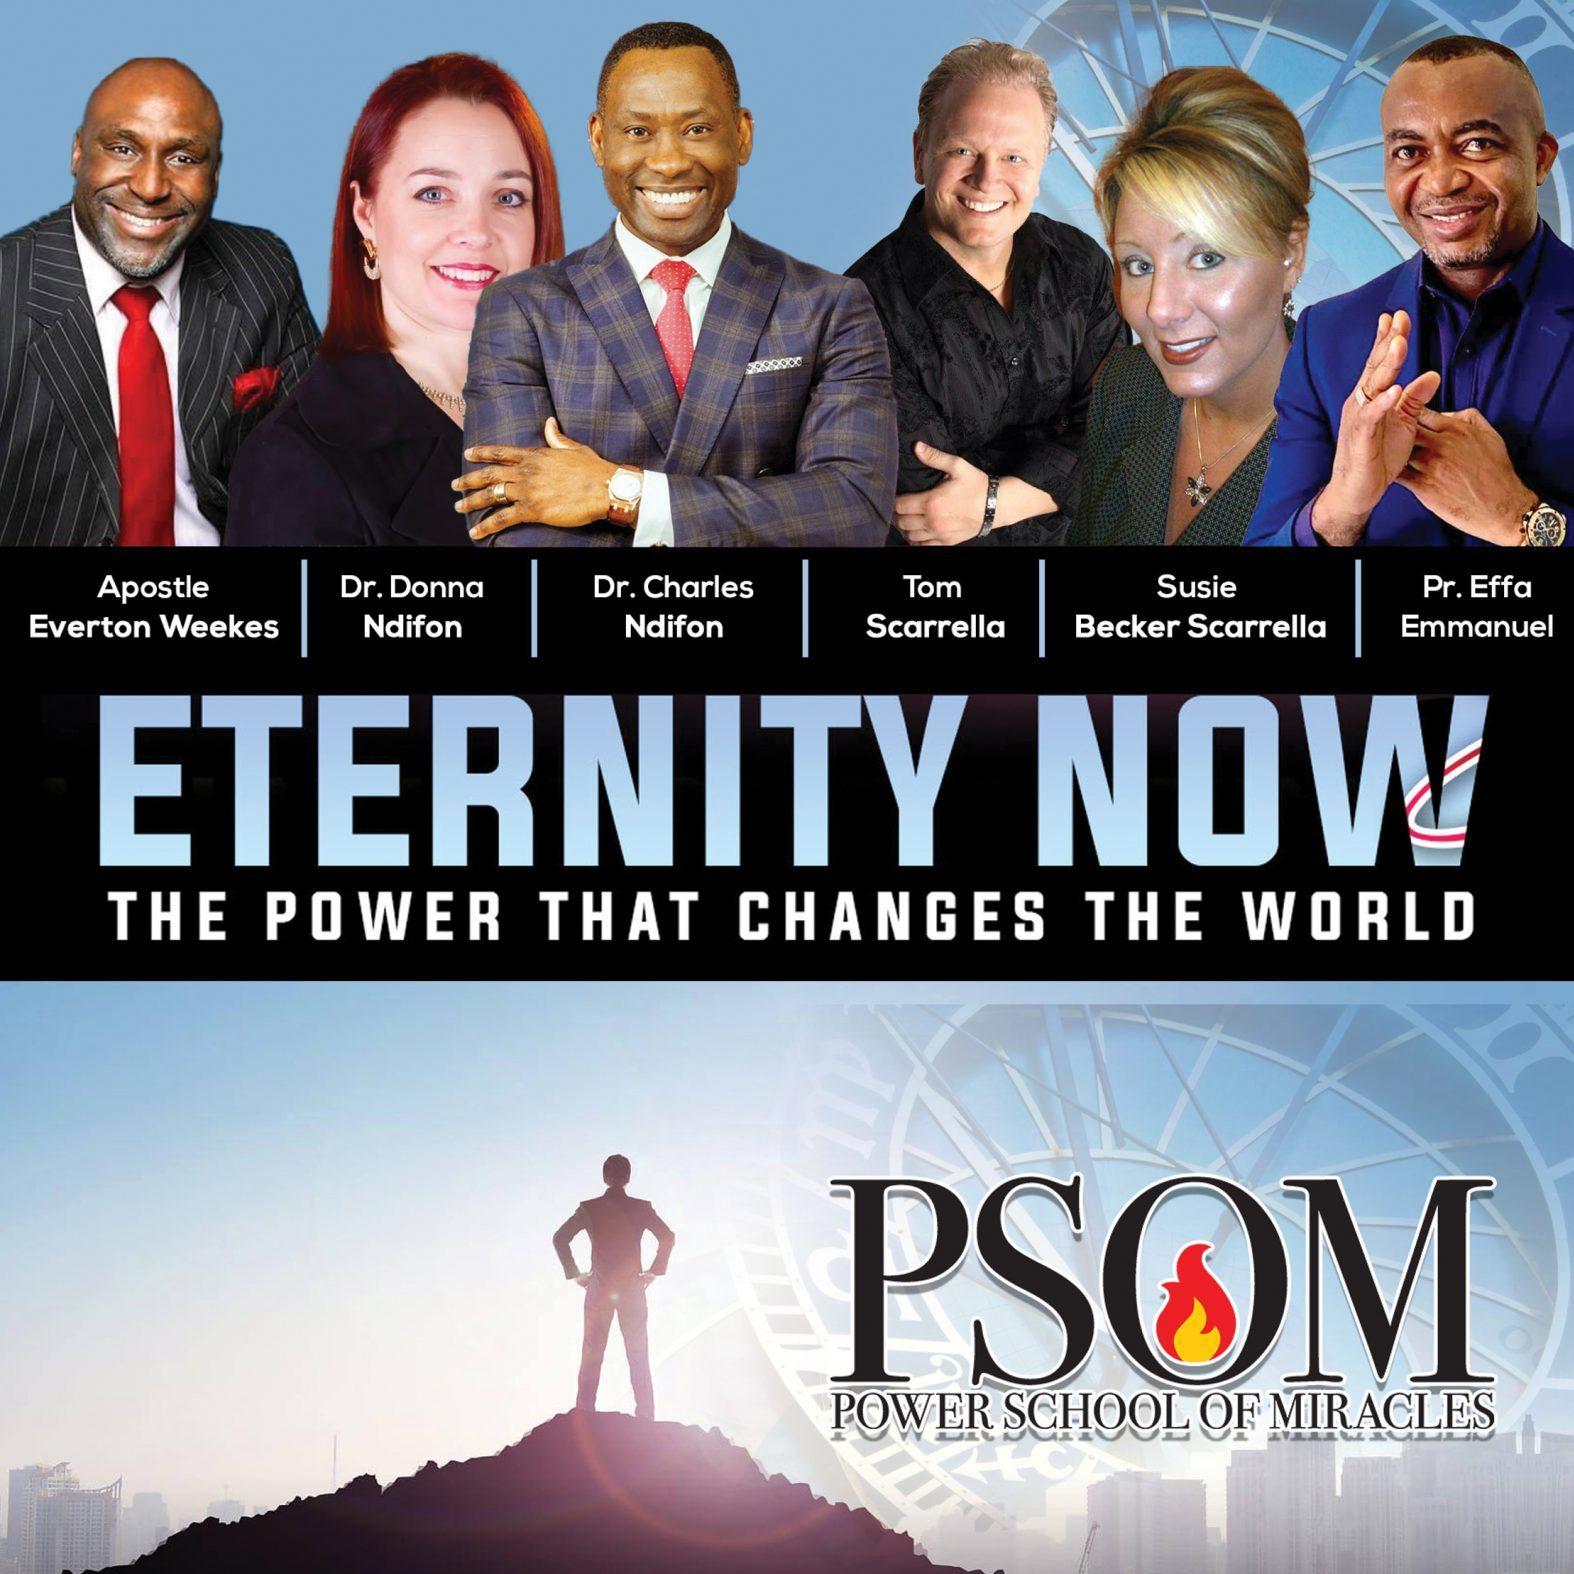 PSOM - ETERNITY NOW